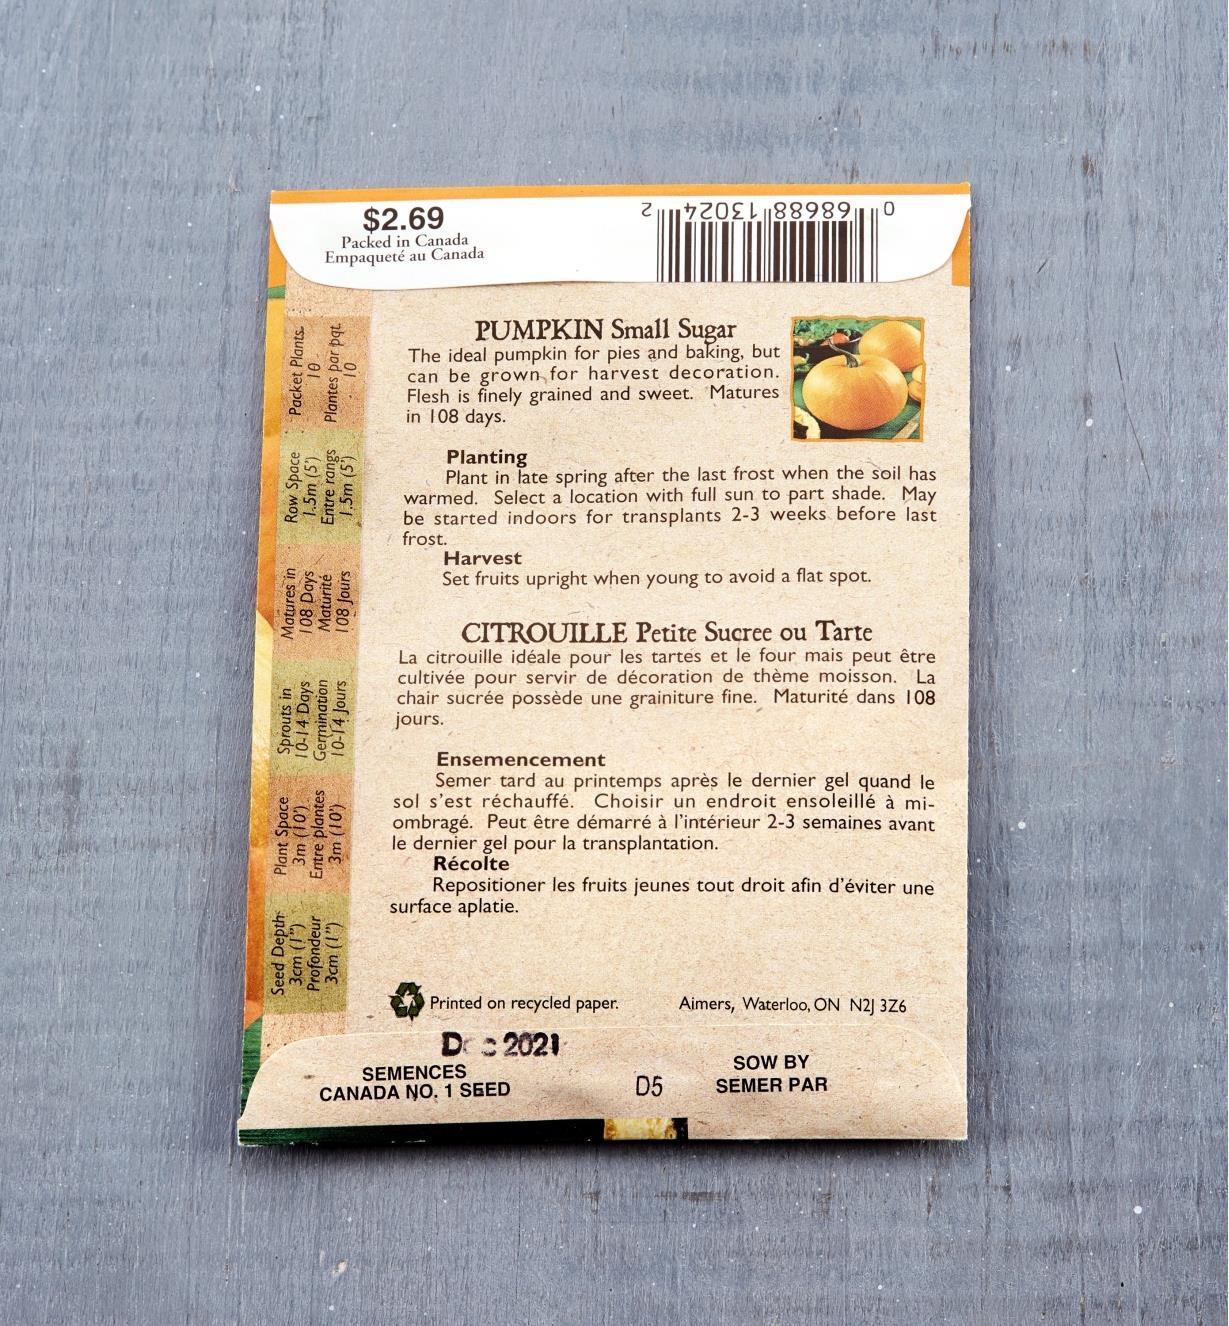 SD103 - Org Pumpkin, Small Sugar (Hrlm)